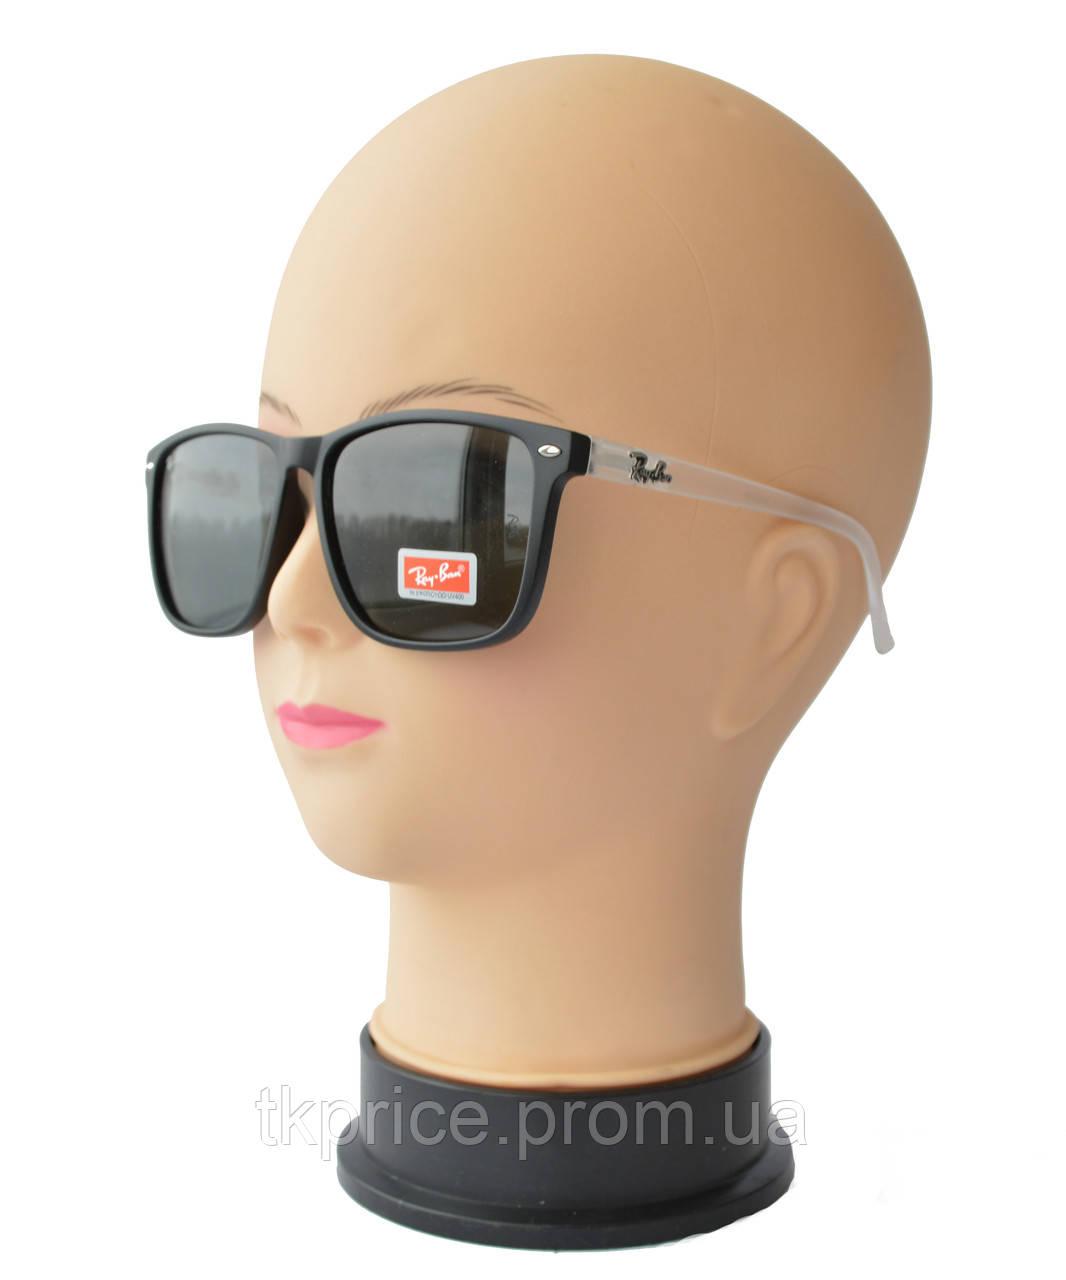 Солнцезащитные очки унисекс вайфареры с флексами